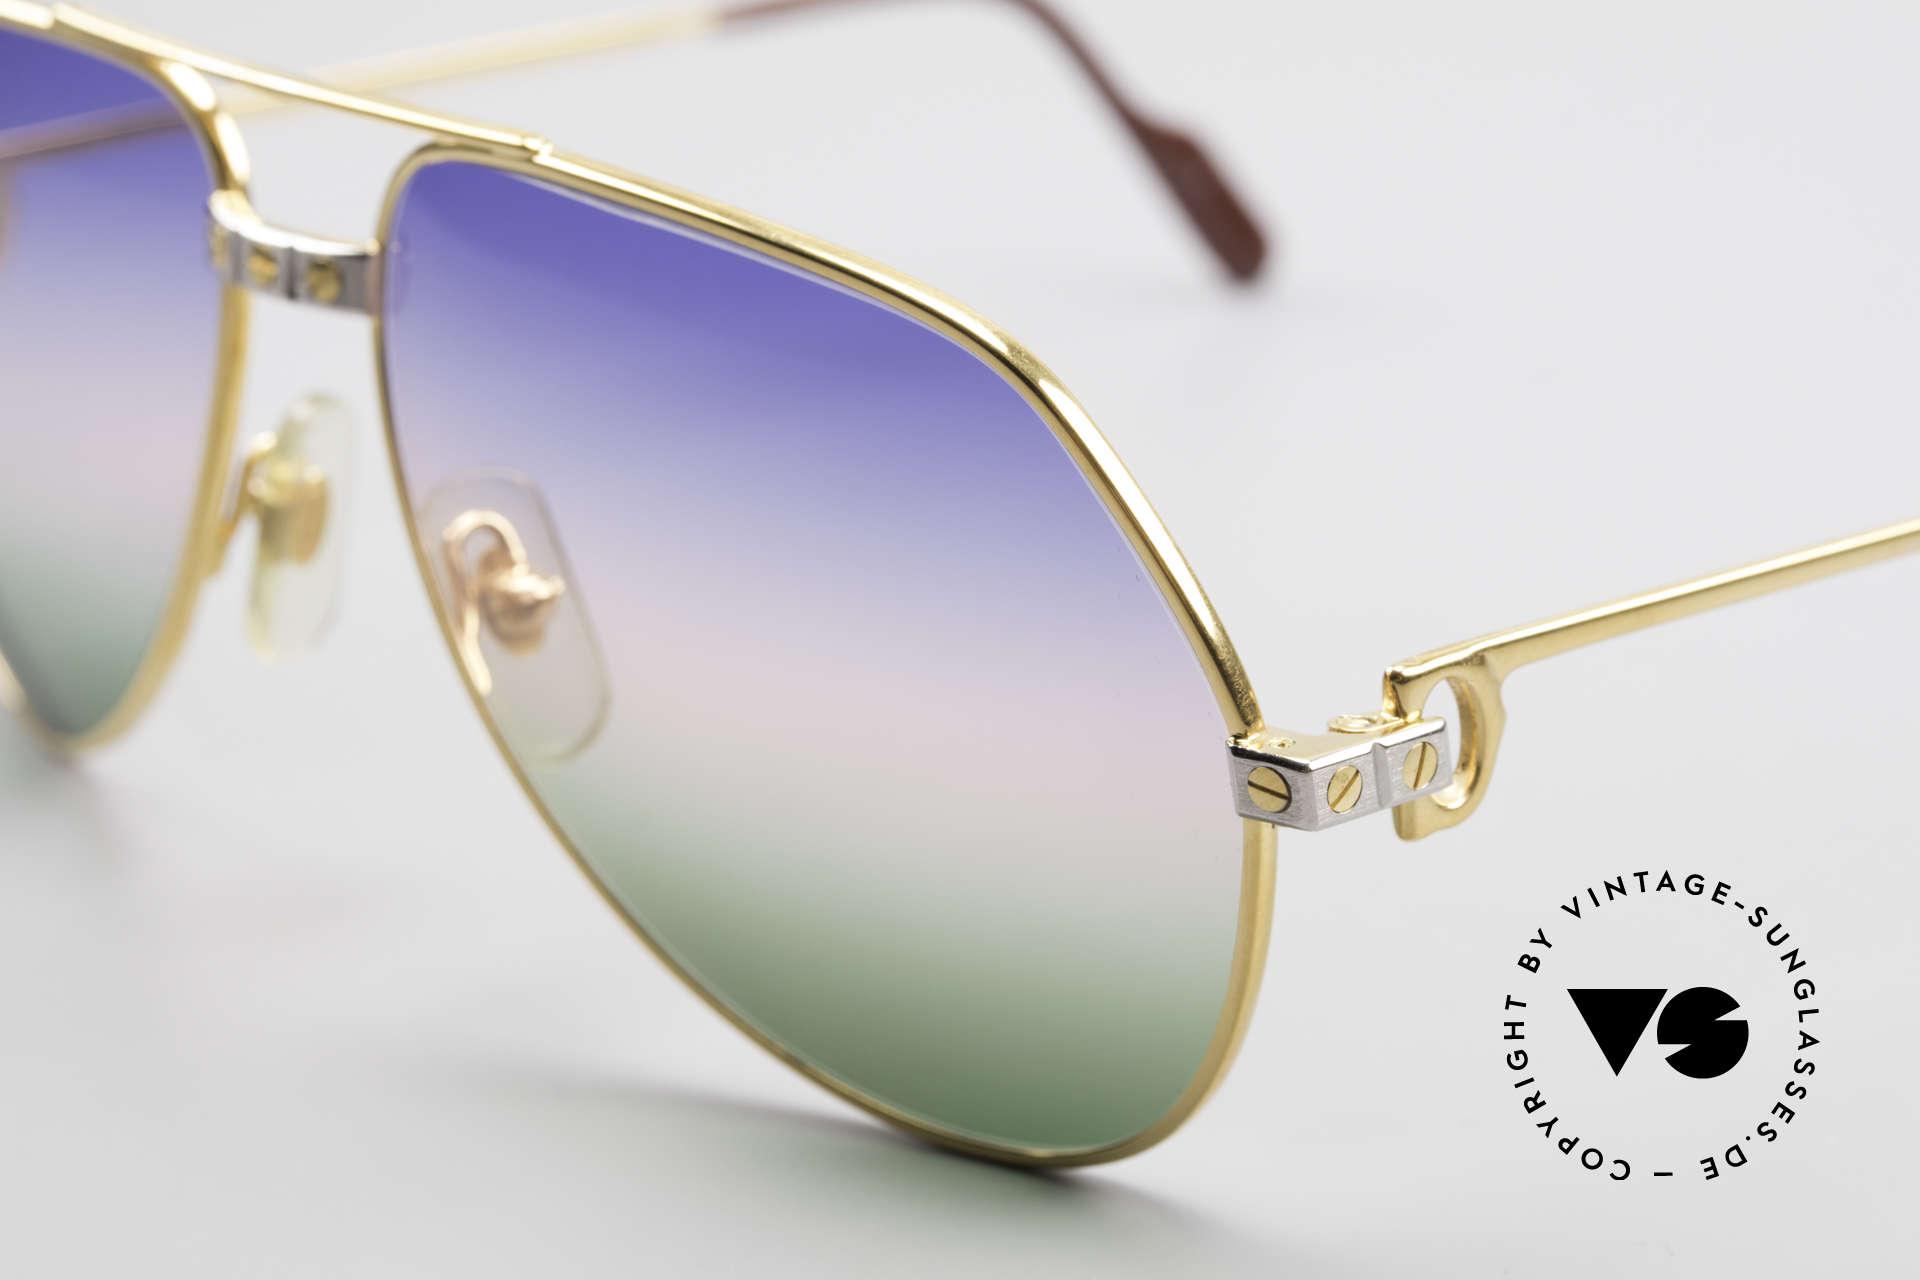 Cartier Vendome Santos - M Rare Vintage Brille 80er Luxus, ultra rare, neue 'TRICOLOR customized' Verlaufsgläser, Passend für Herren und Damen